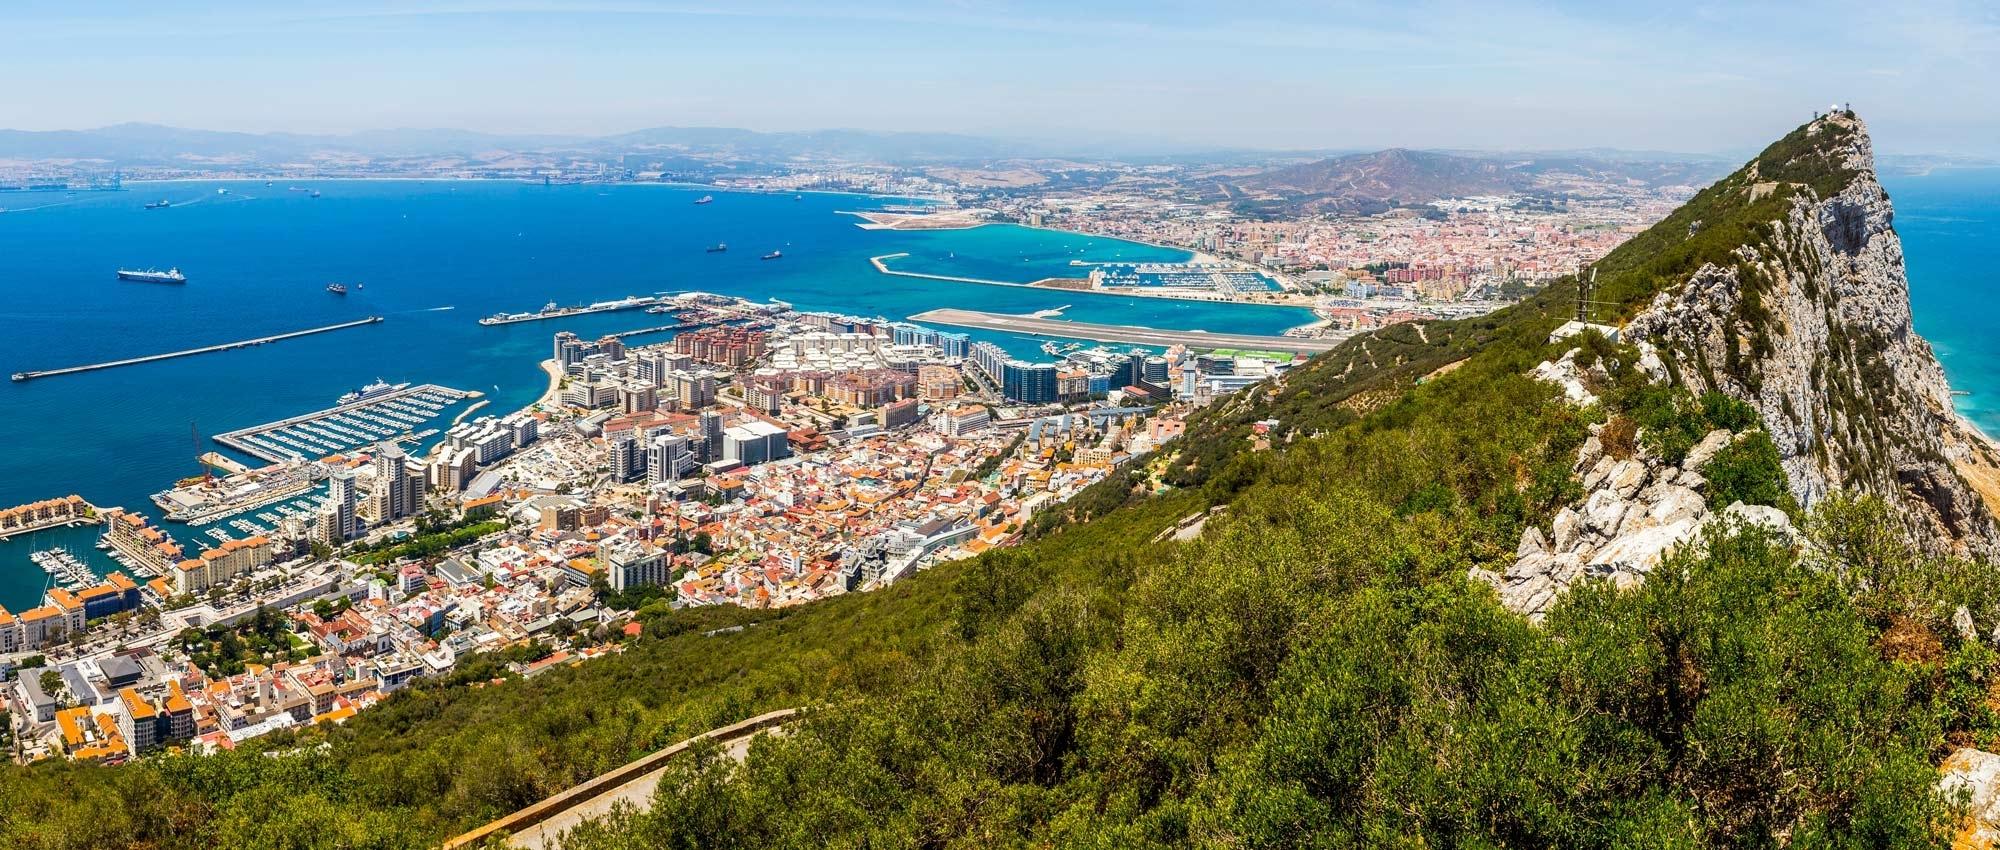 Noleggio Chrysler a Gibilterra